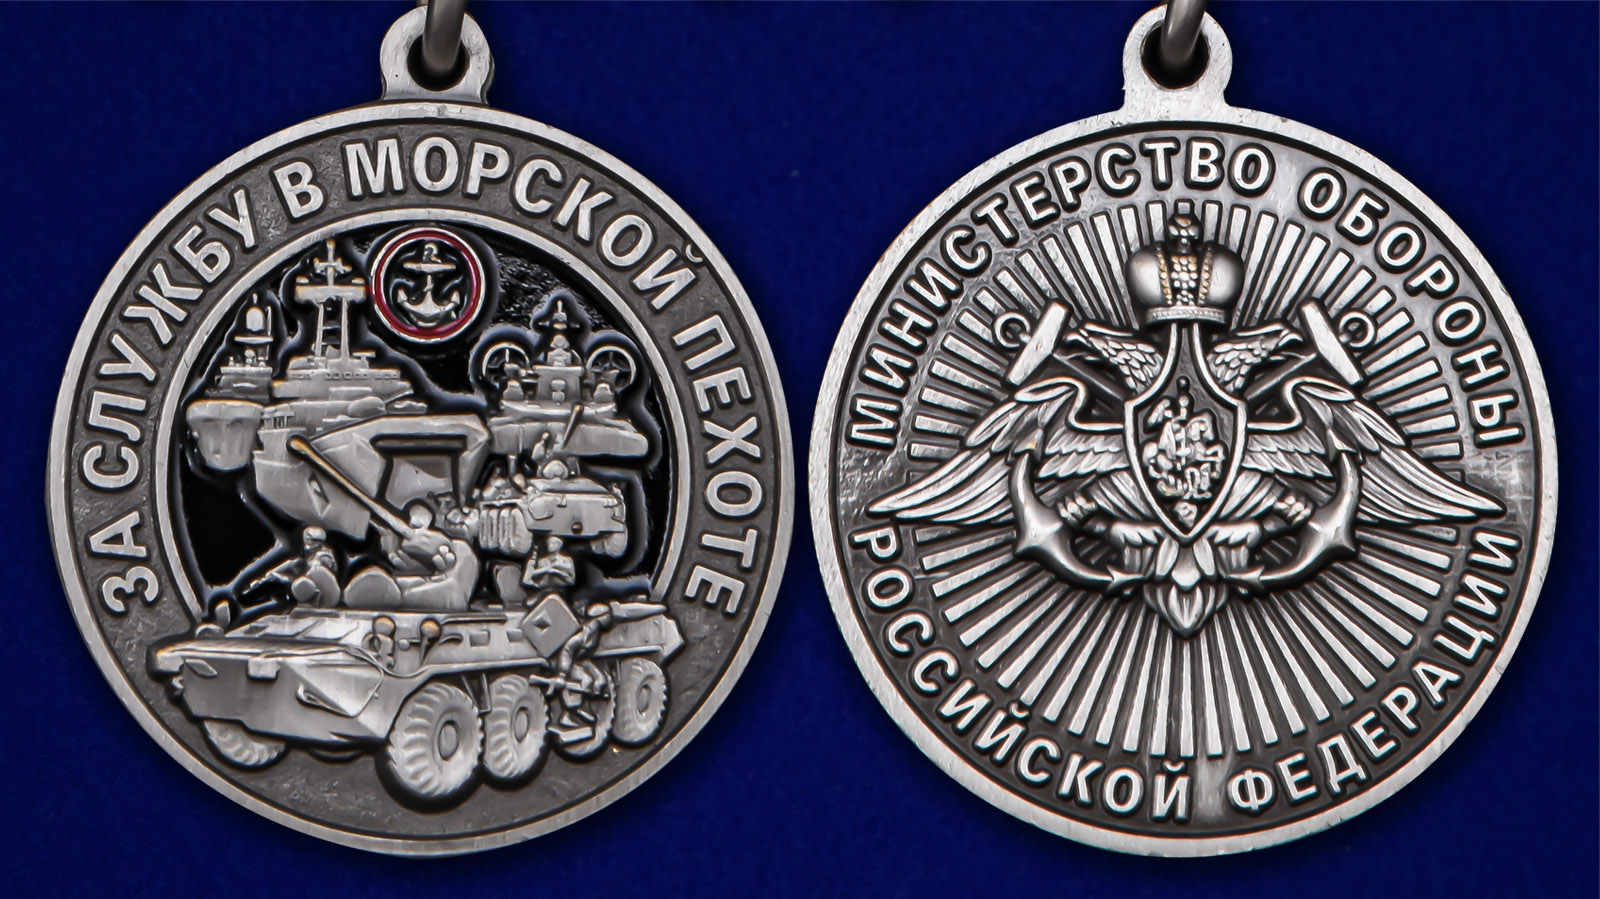 Нагрудная медаль За службу в Морской пехоте - аверс и реверс